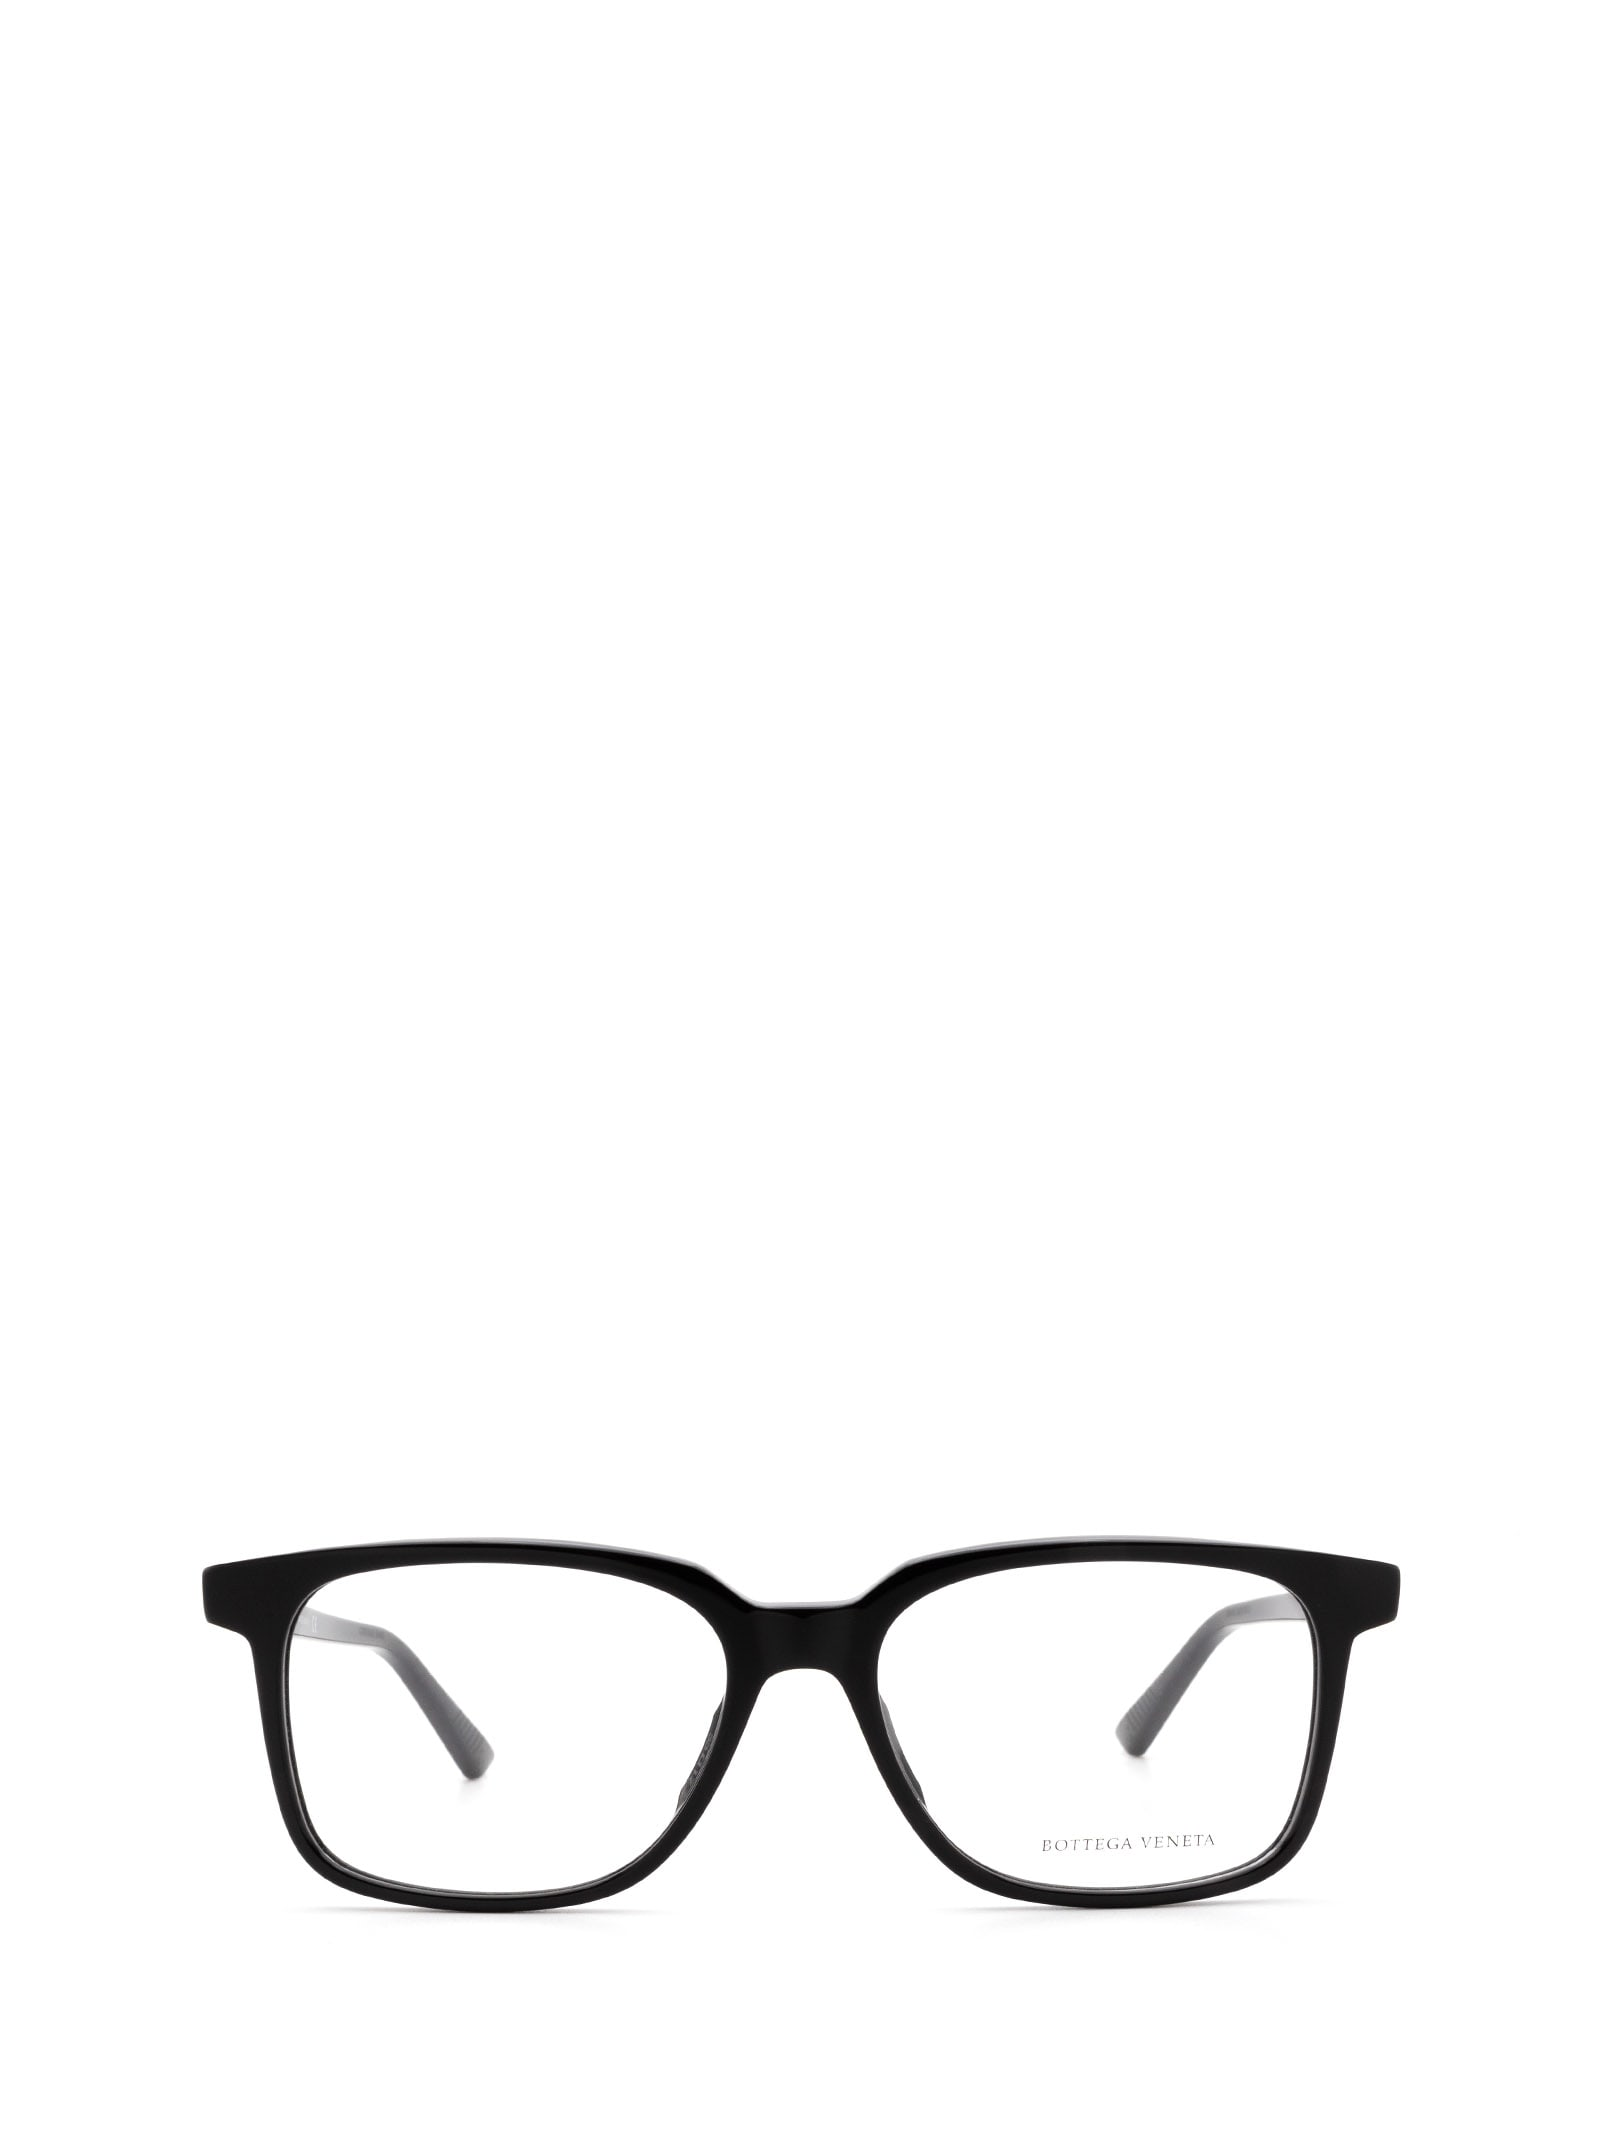 Bottega Veneta Bottega Veneta Bv1024o Black Glasses